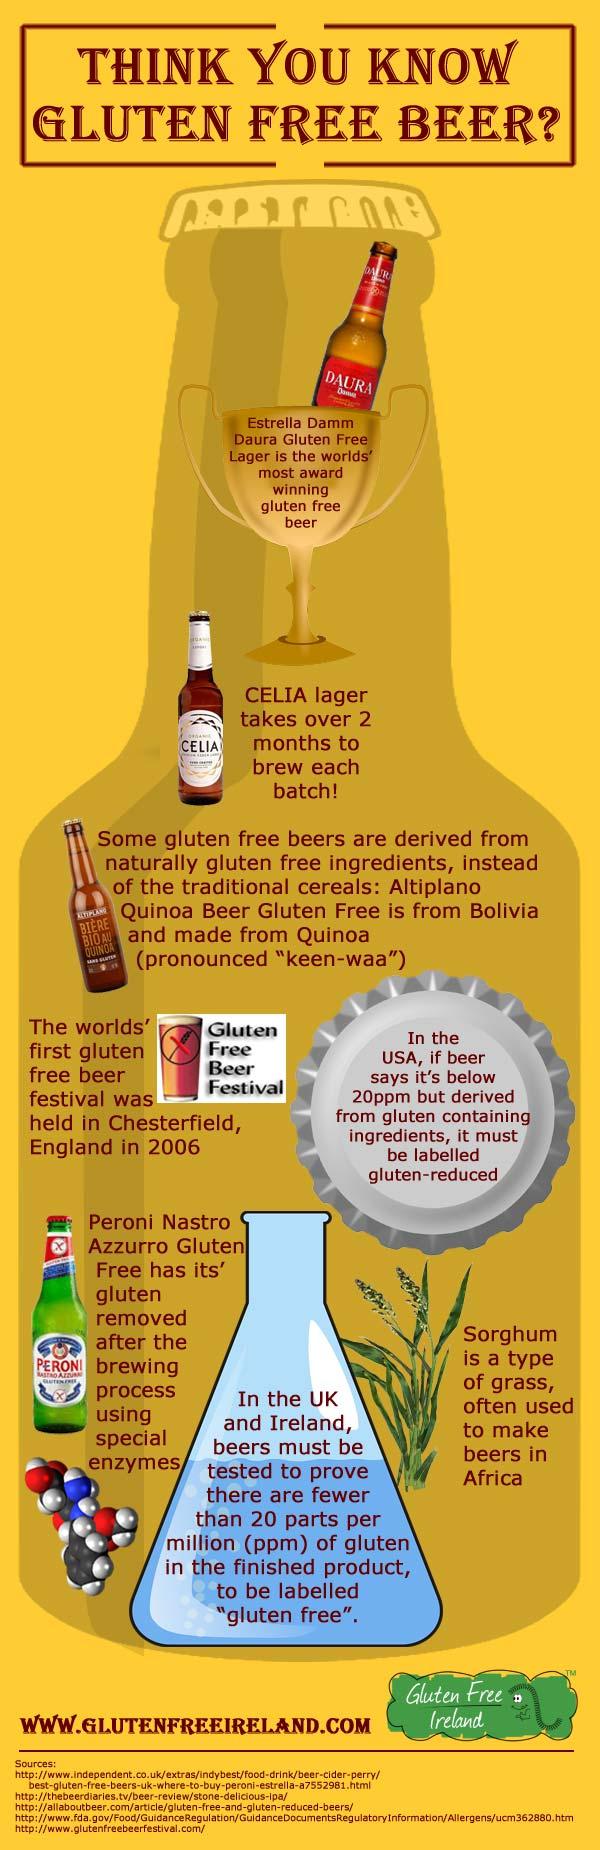 Gluten Free Beer Infographic